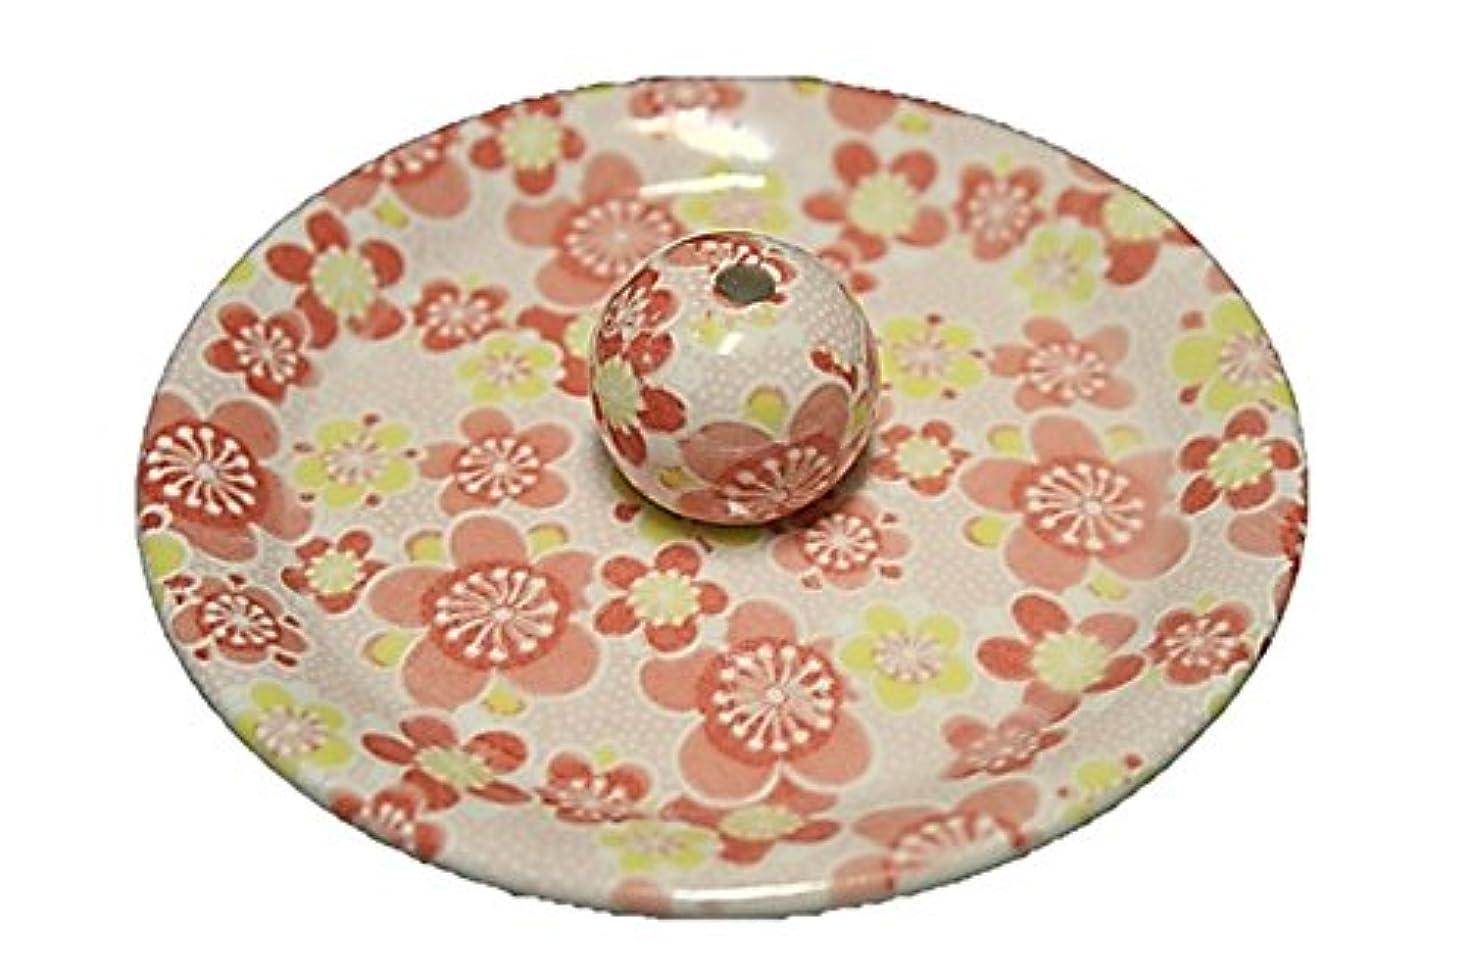 踏みつけ証明書宿題をする9-42 小春 9cm香皿 お香立て お香たて 陶器 日本製 製造?直売品